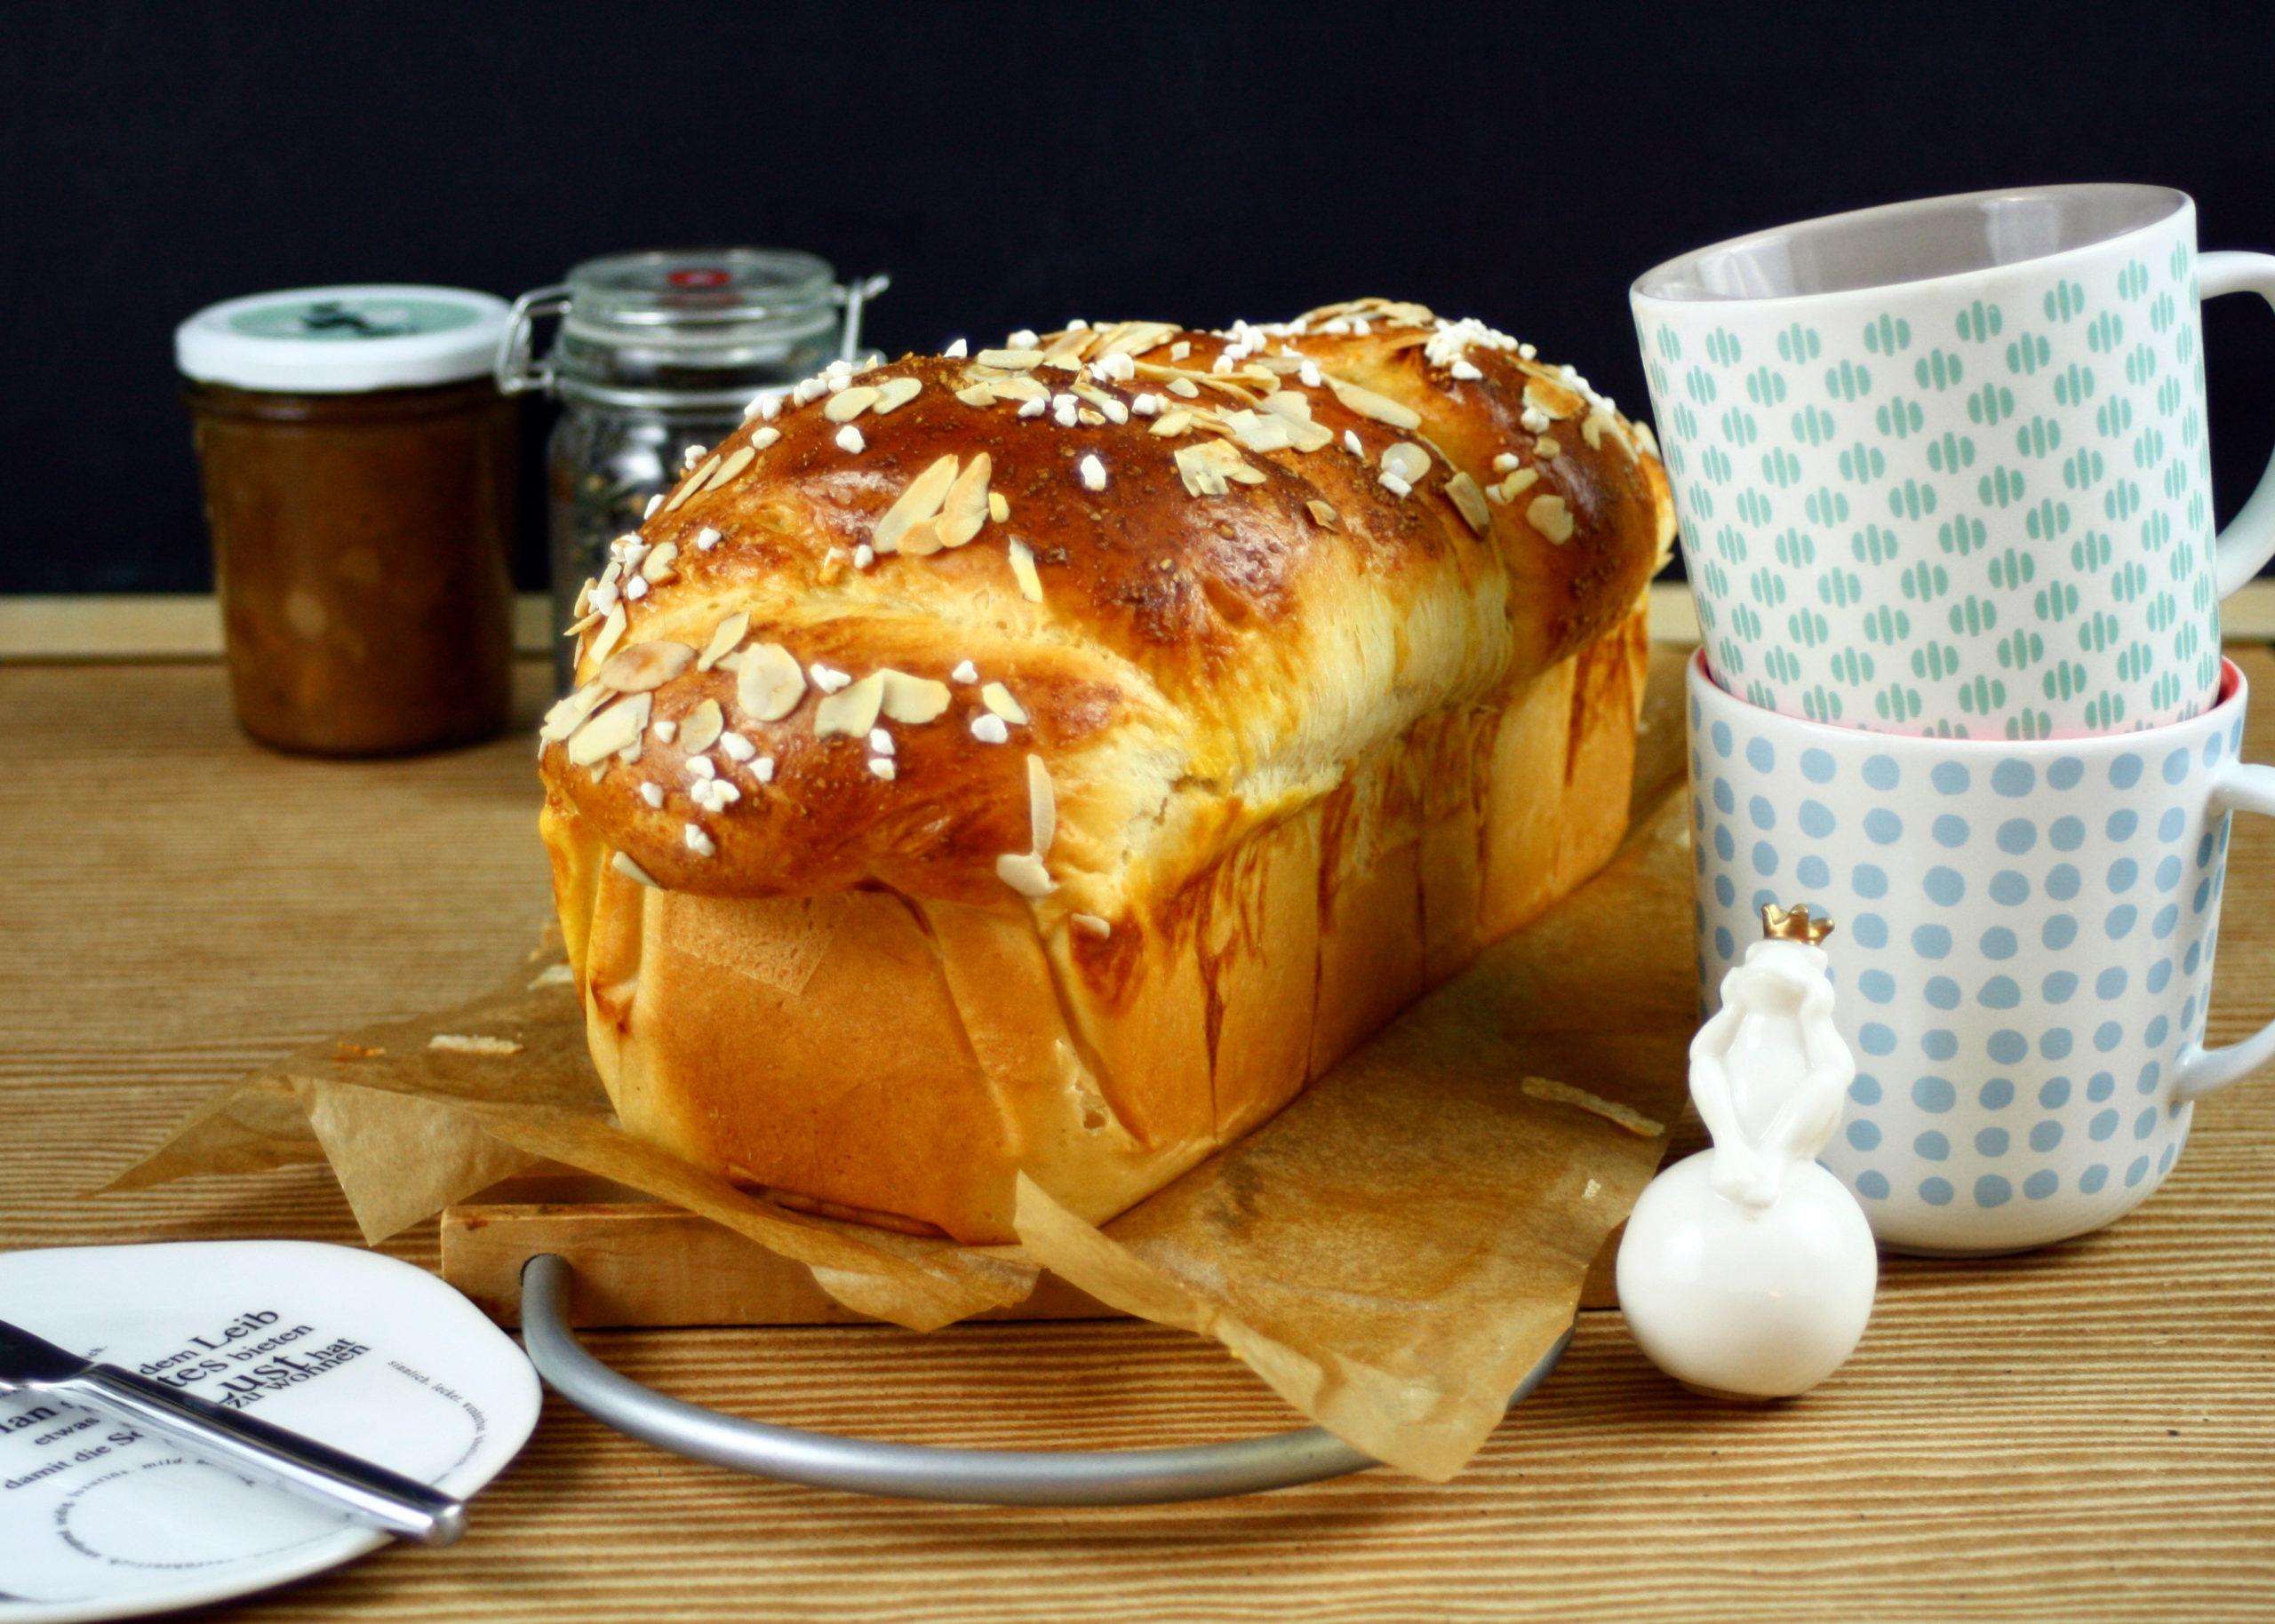 Frühstücks Brioche // Breakfast Brioche by http://babyrockmyday.com/fruehstuecks-brioche/